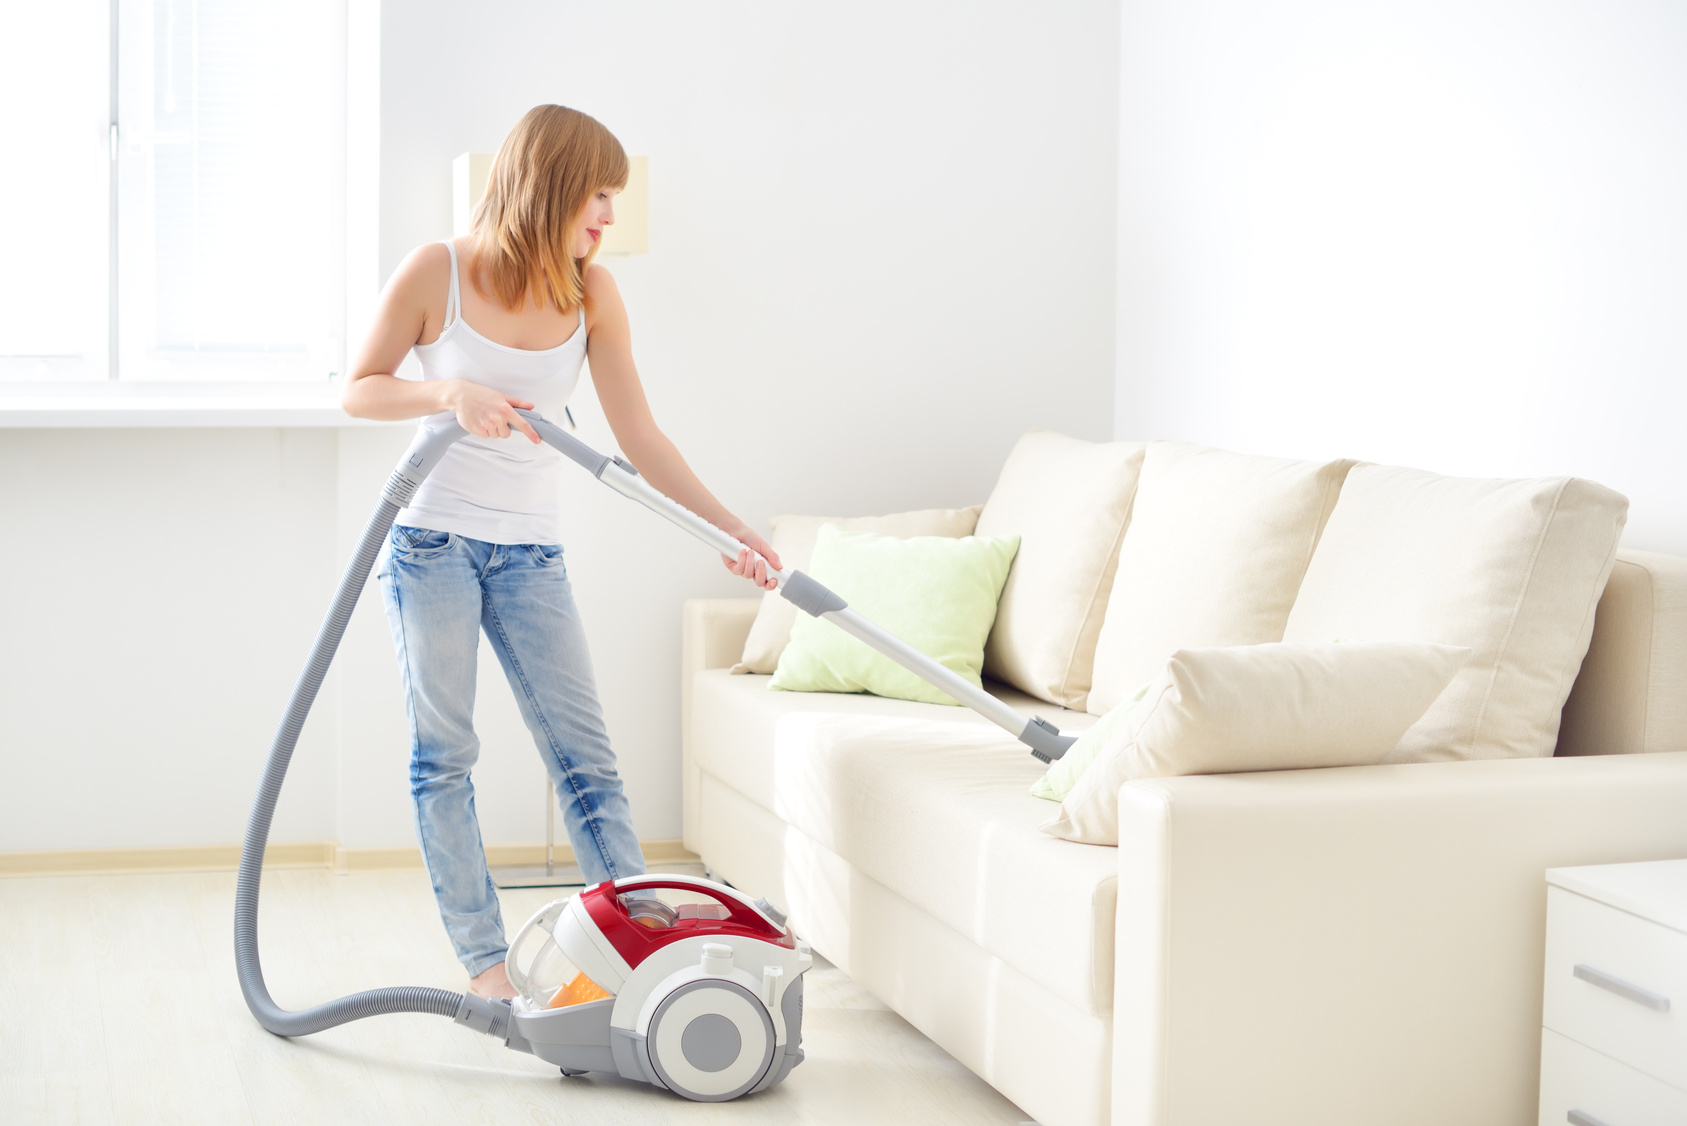 Stoffsofa reinigen tipps zur reinigung von sofa polstern Sofa mit dampfreiniger reinigen